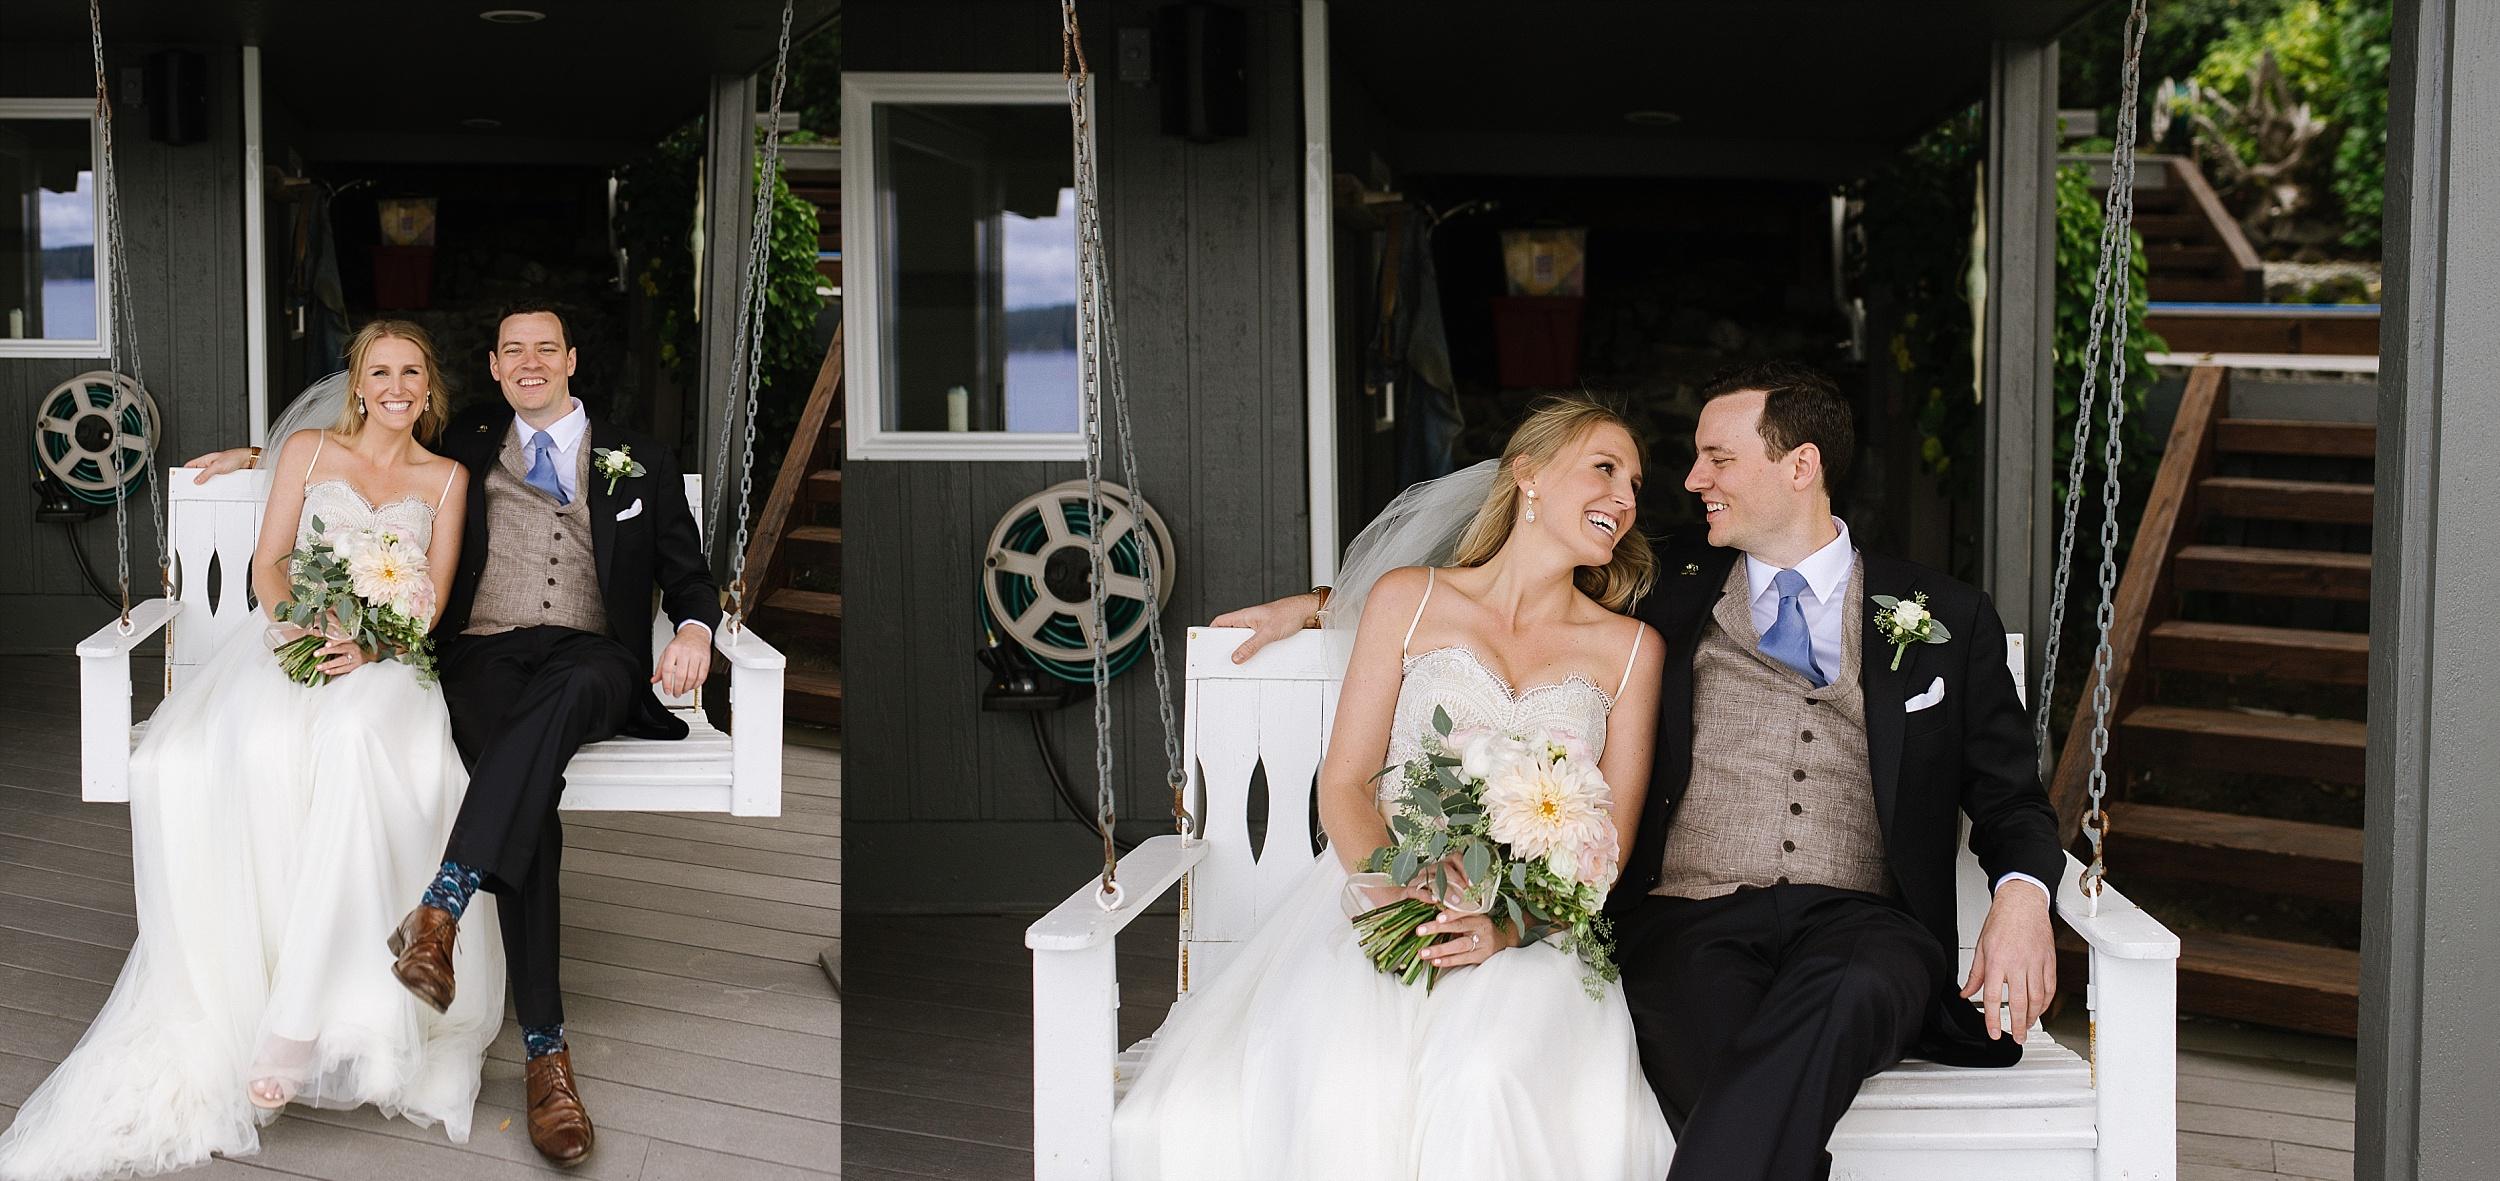 gig_harbor_washington_wedding_danacolin_cdp_0024.jpg